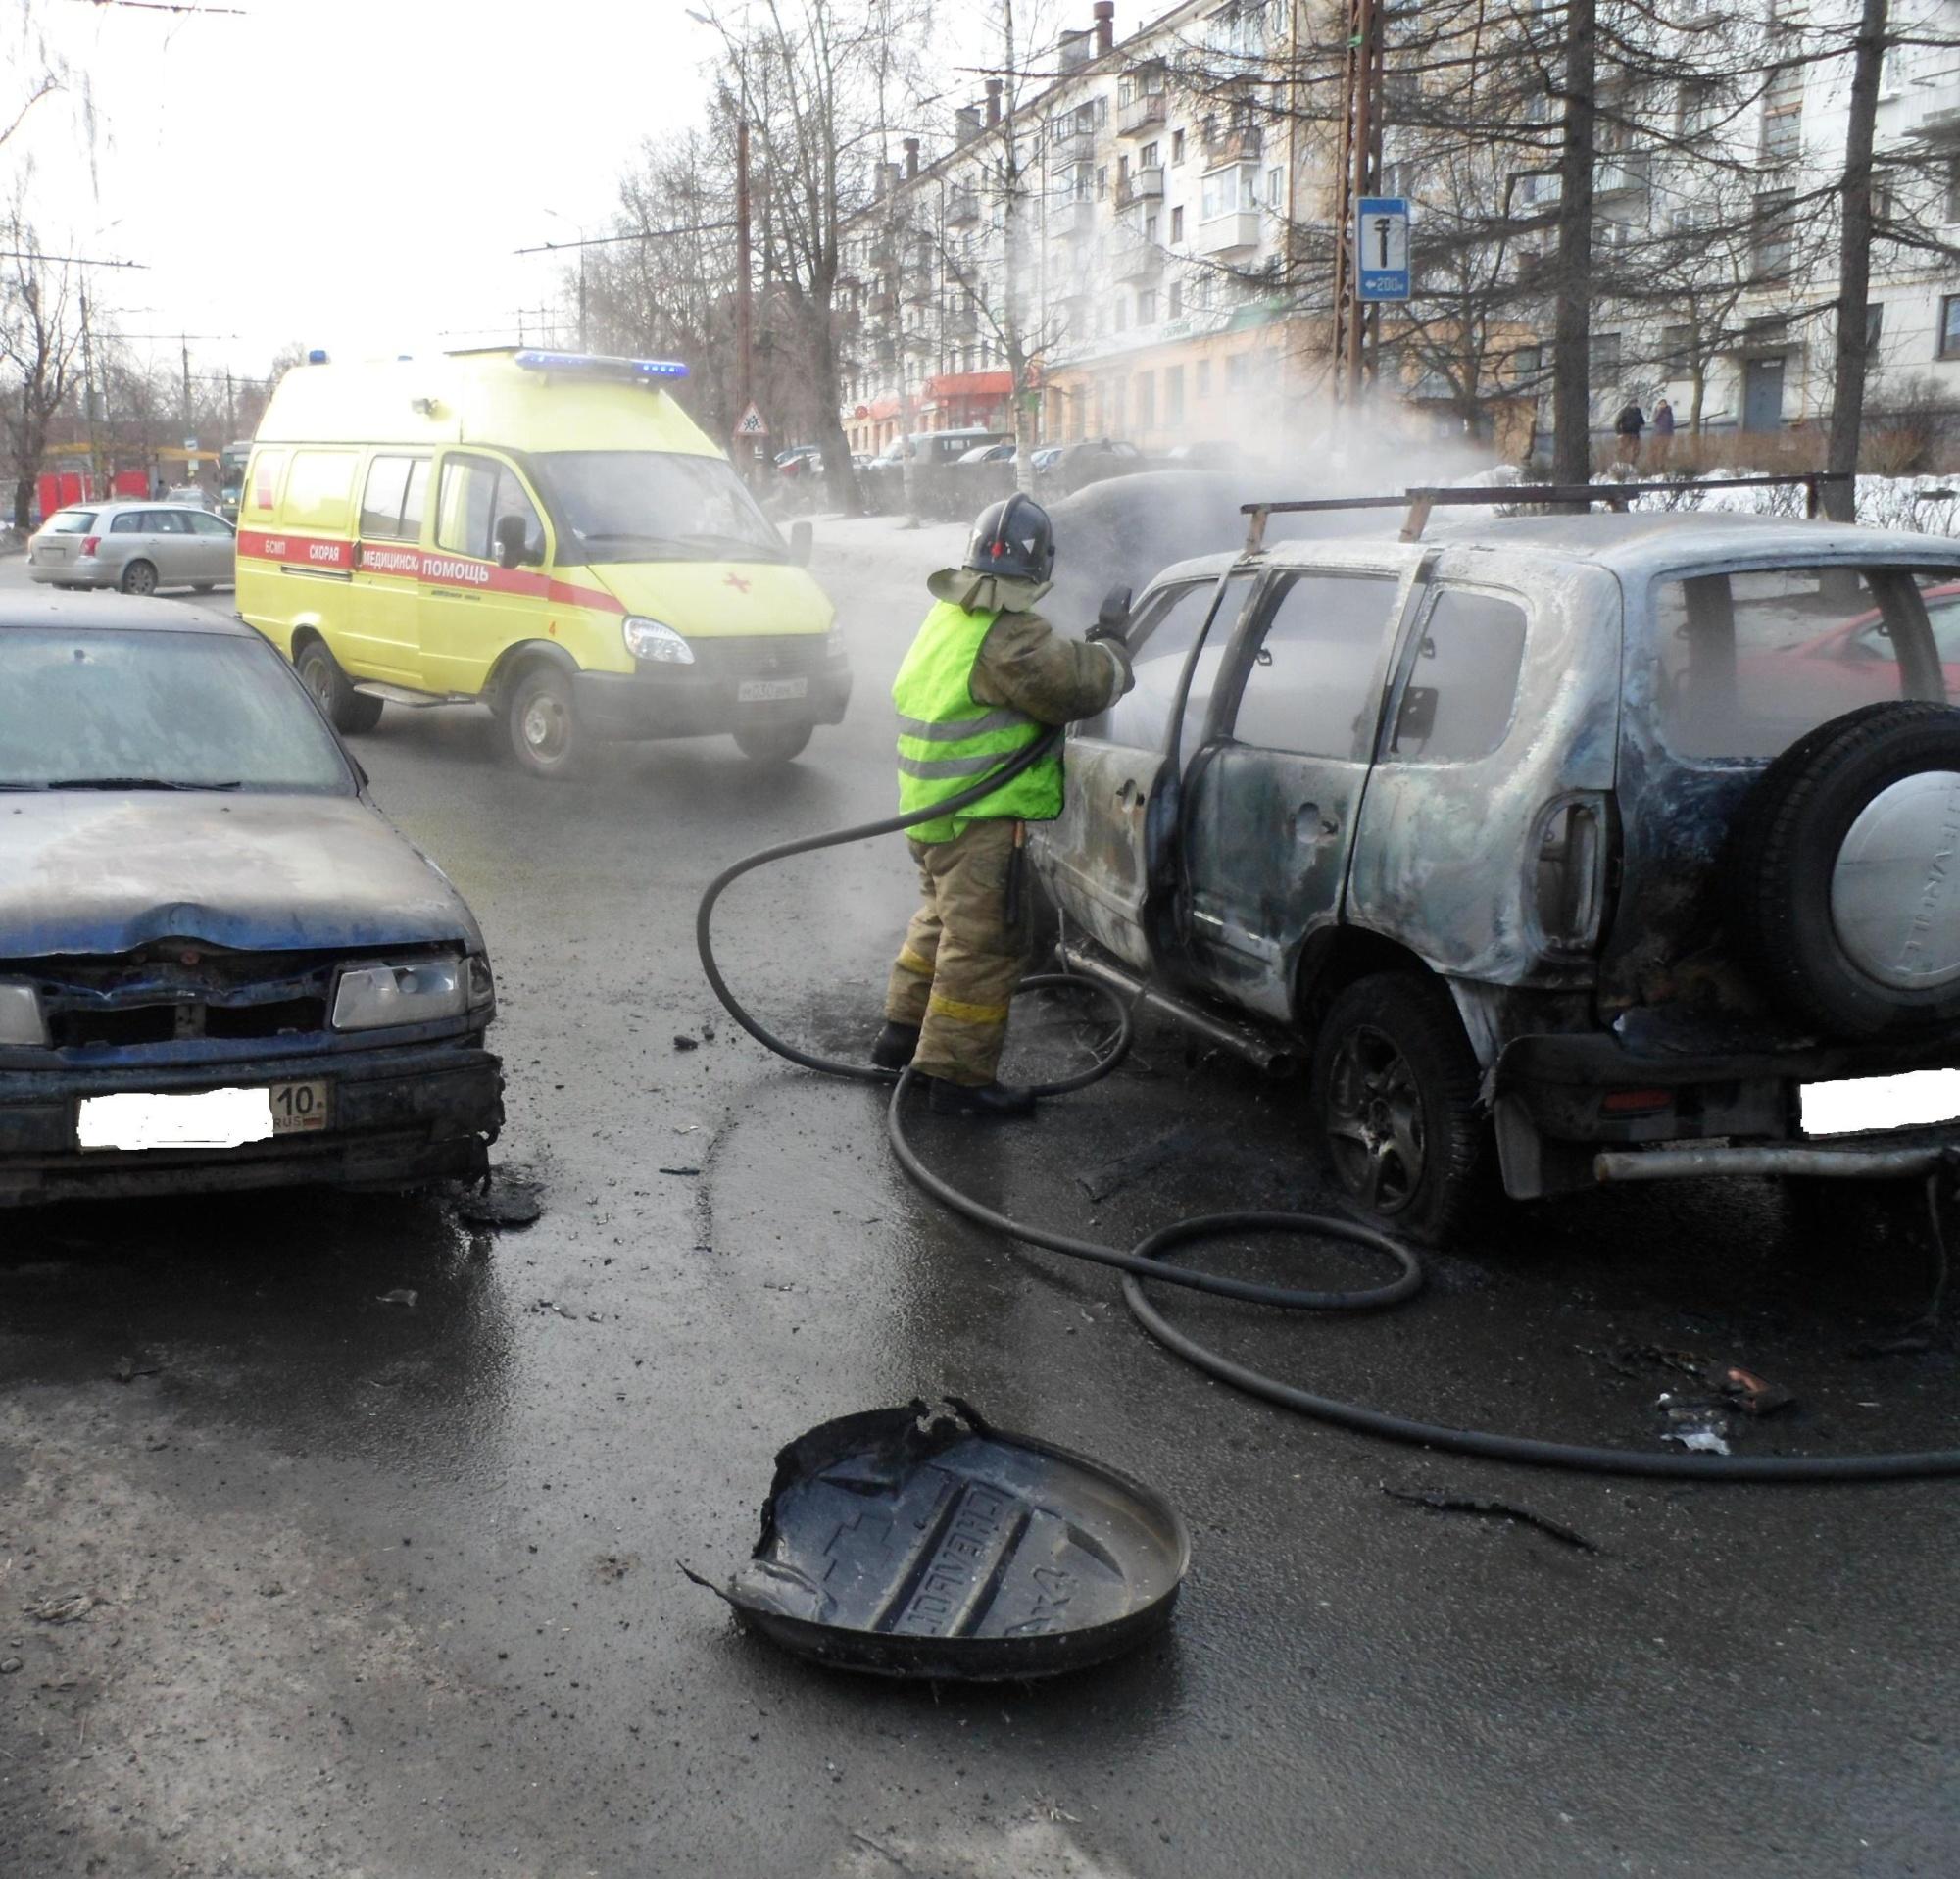 Пожарно-спасательные подразделения привлекались для ликвидации пожара в Сортавальском районе.